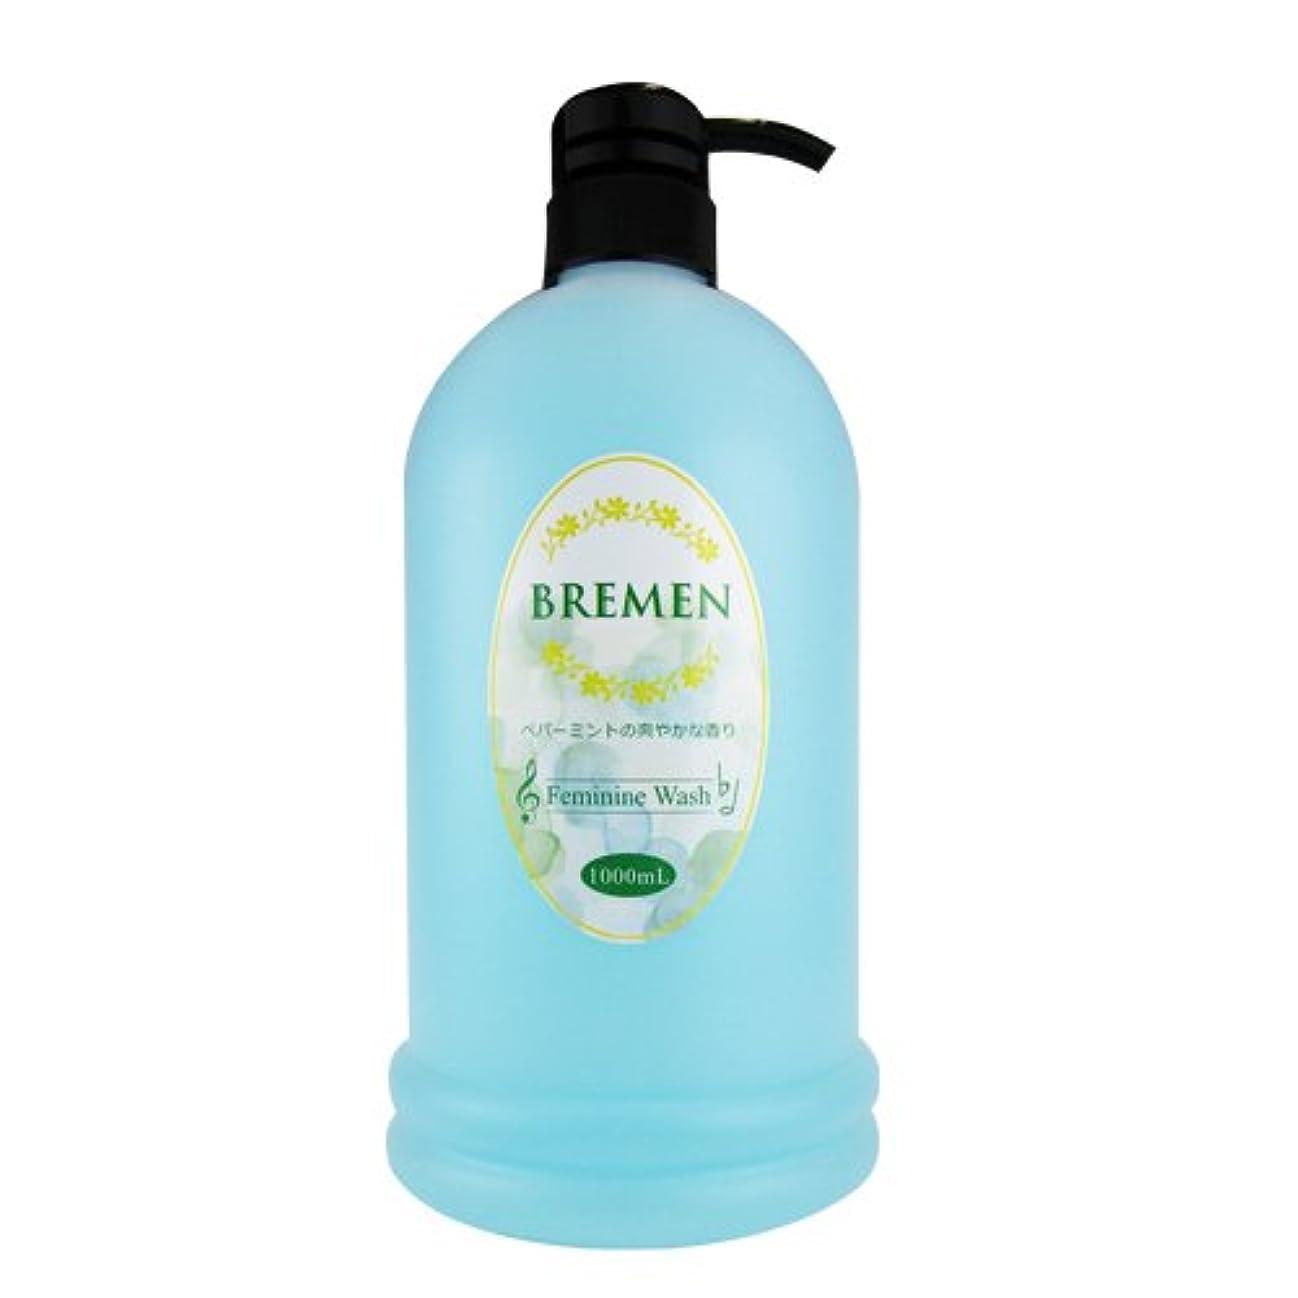 ソロ利得まどろみのあるブレーメン(BREMEN) フェミニンウォッシュ(Feminine Wash) 1000ml ペパーミントの爽やかな香り